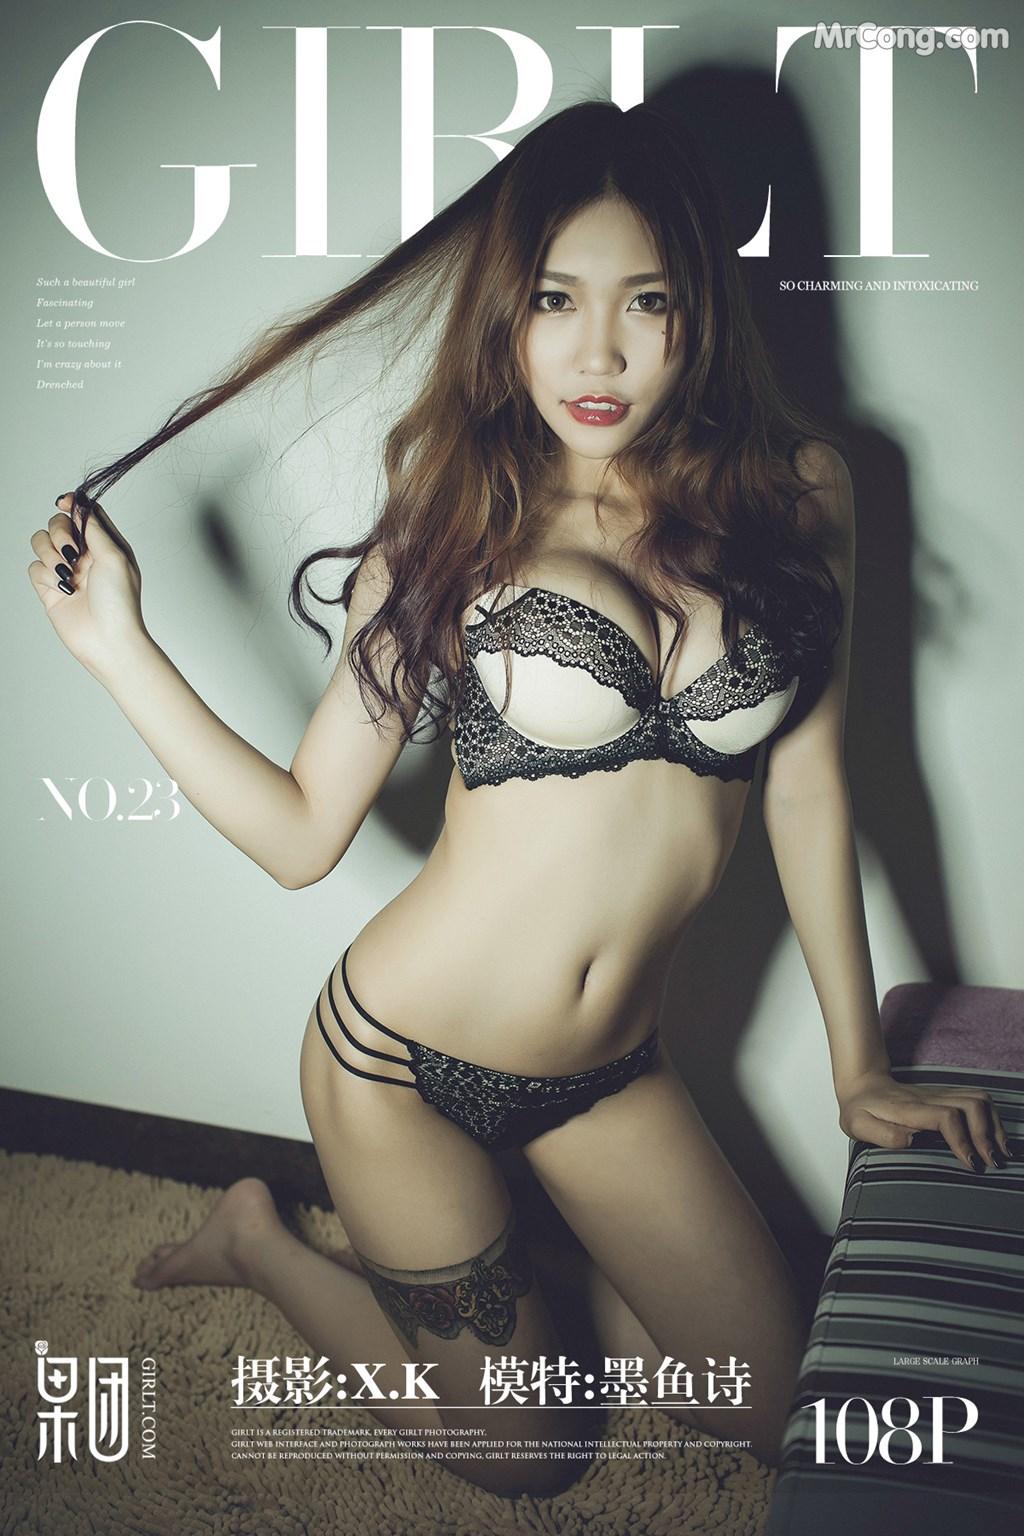 GIRLT 2017-07-31 TG.023: Người mẫu Moyu Shi (墨鱼诗) (109 ảnh)